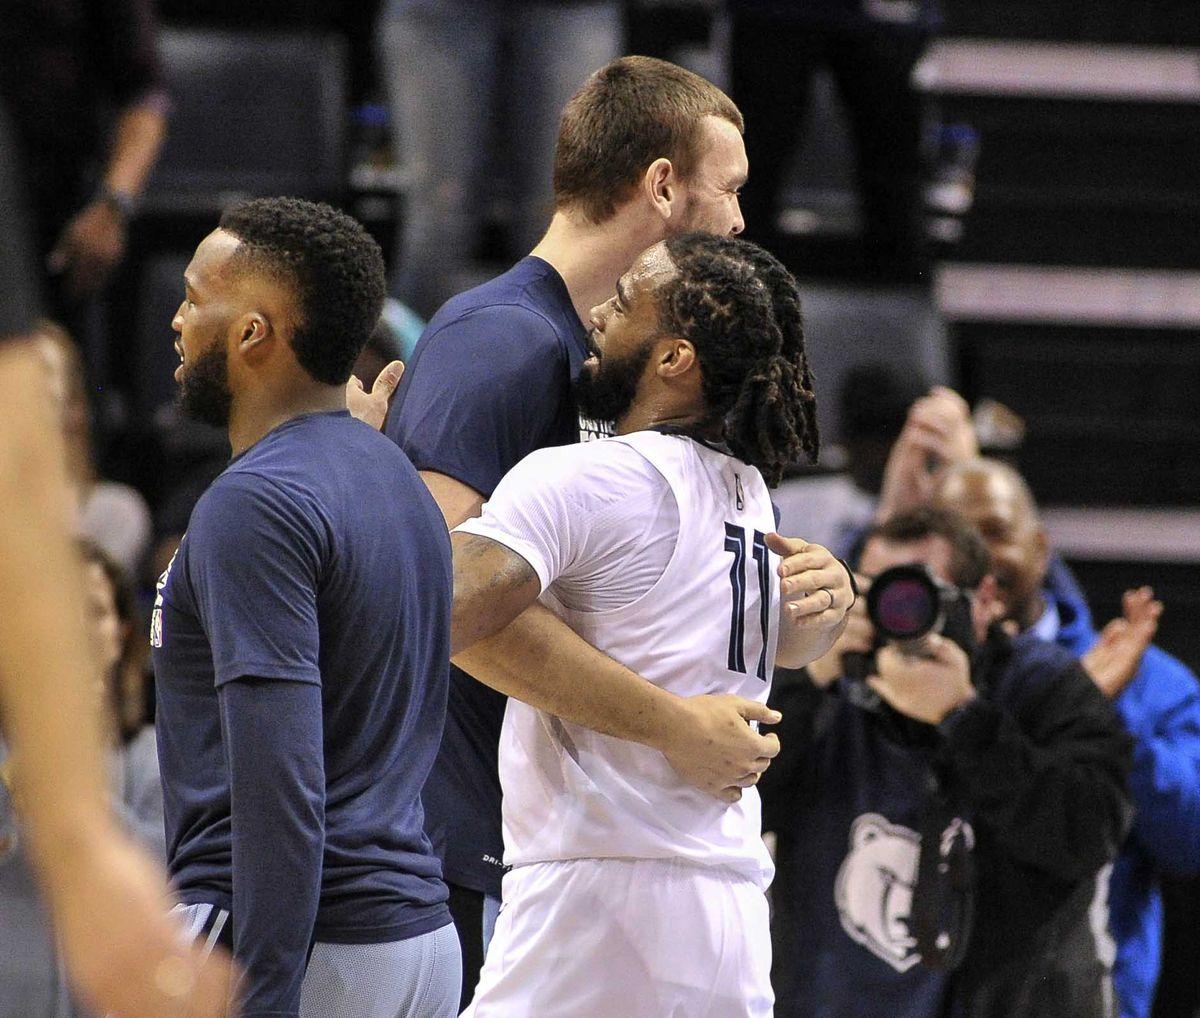 NBA: Minnesota Timberwolves at Memphis Grizzlies